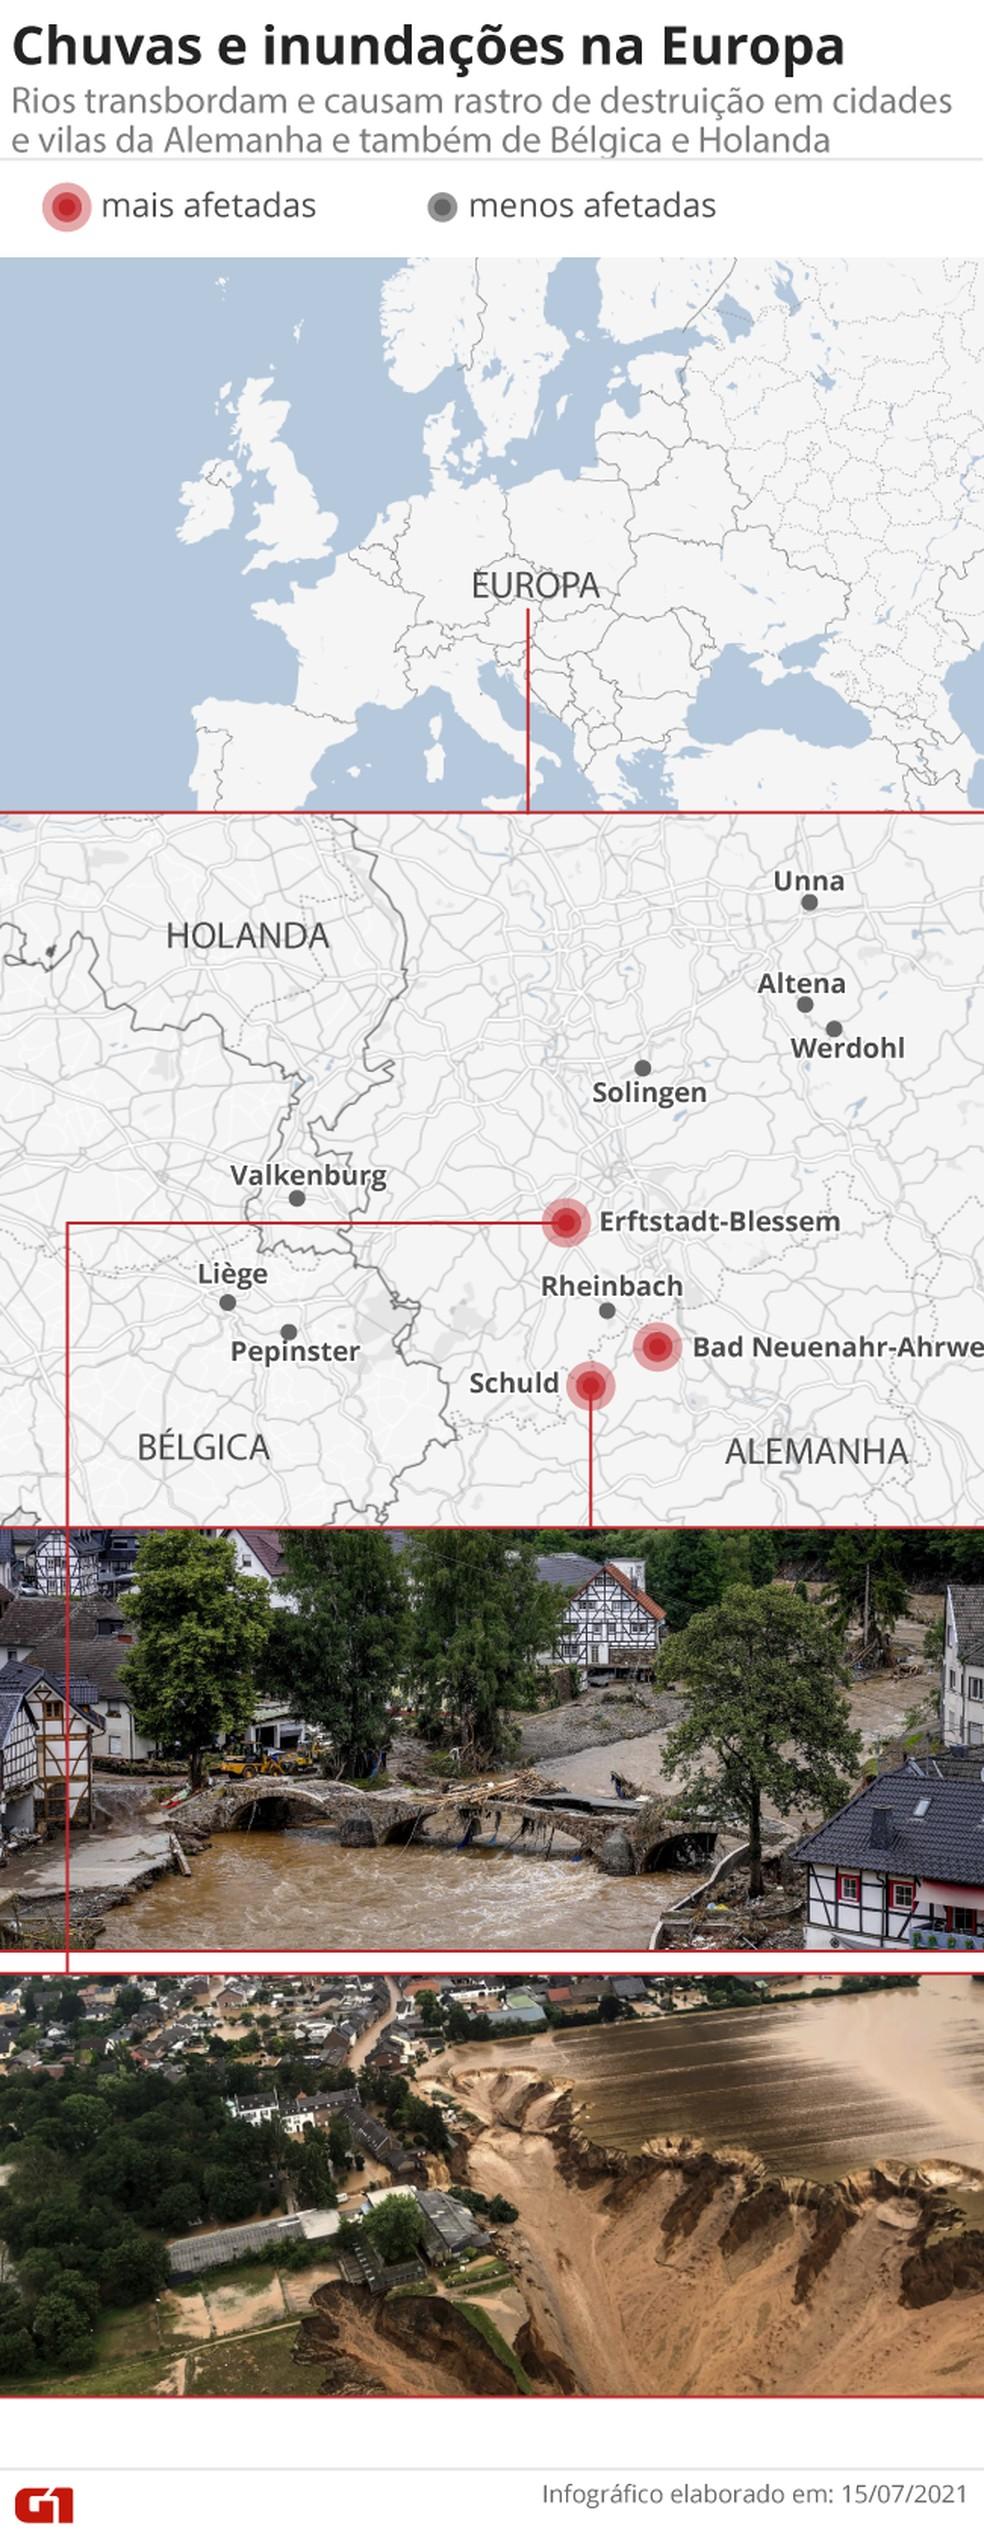 Chuvas e inundações na Europa: temporal deixa dezenas de mortos na Alemanha e na Bélgica e afeta cidades também na Holanda e na França — Foto: Amanda Paes/G1